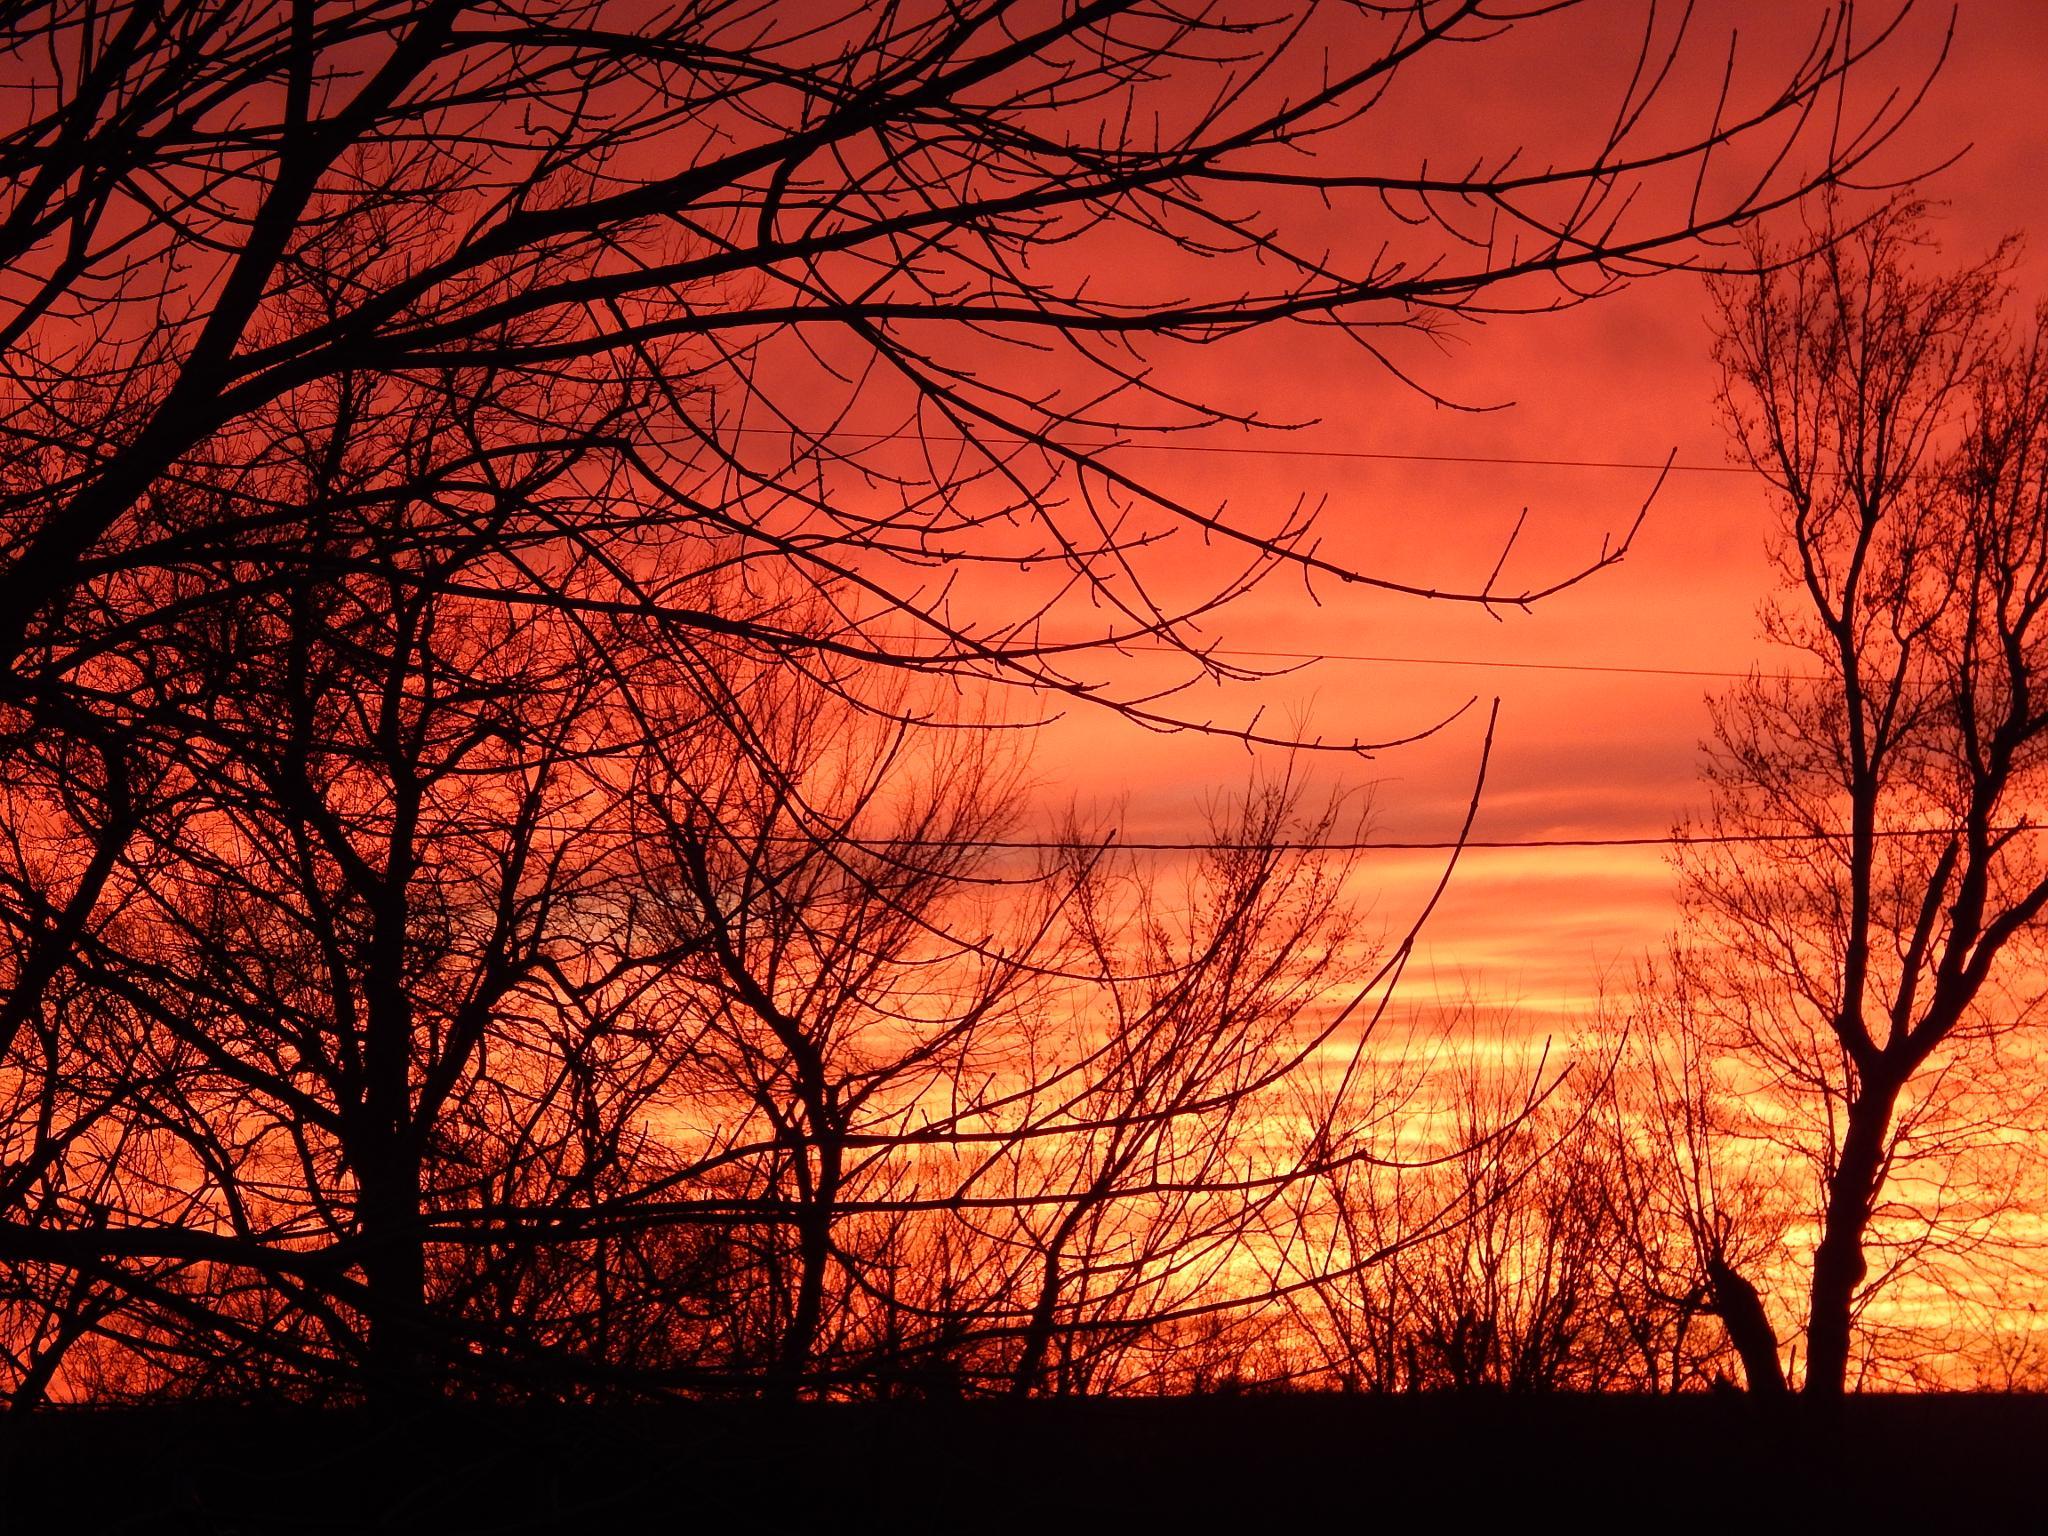 sunset by nancy.novotny.5